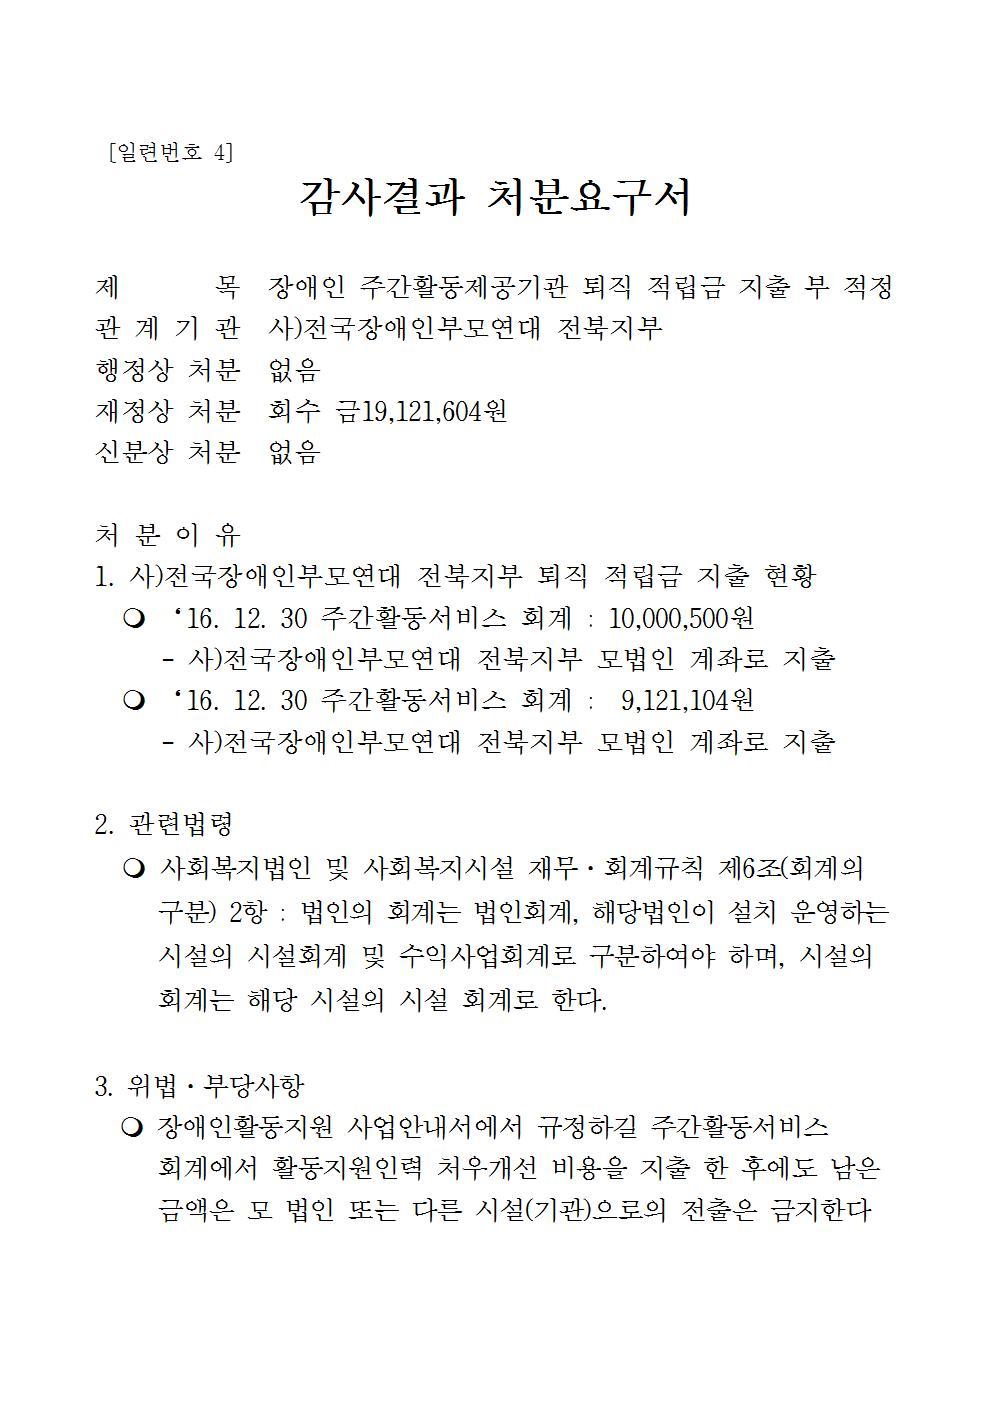 붙임) 처분요구서_전주시 생활복지과-37898(2017.9.1)호(공개용)007.jpg